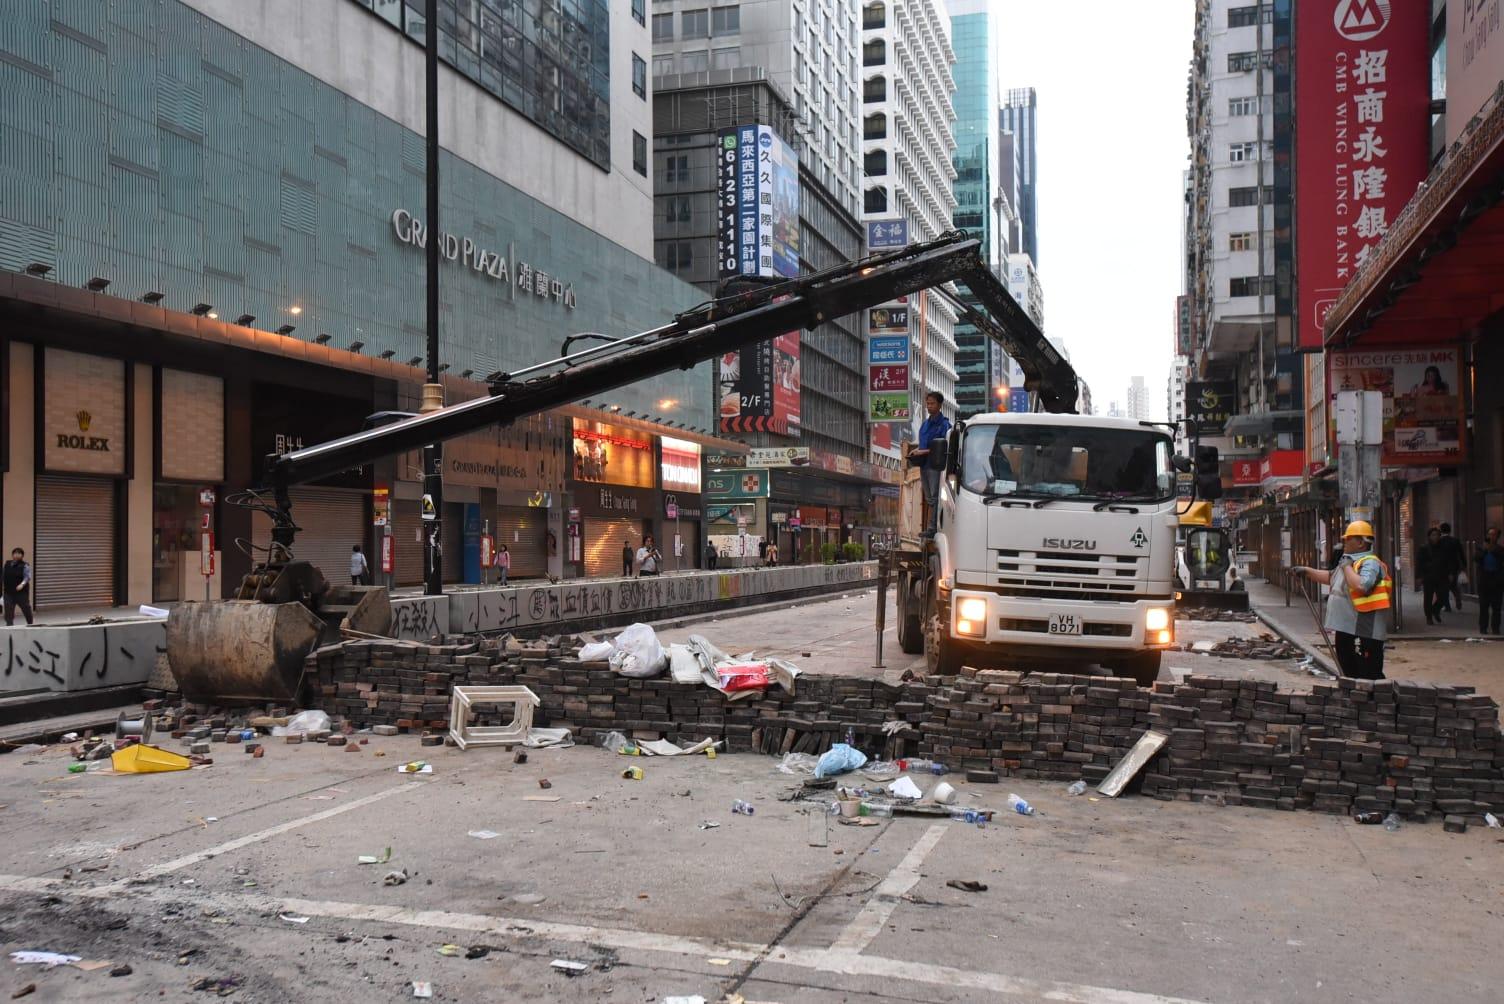 夾斗車清理馬路上堆砌的矮磚牆。